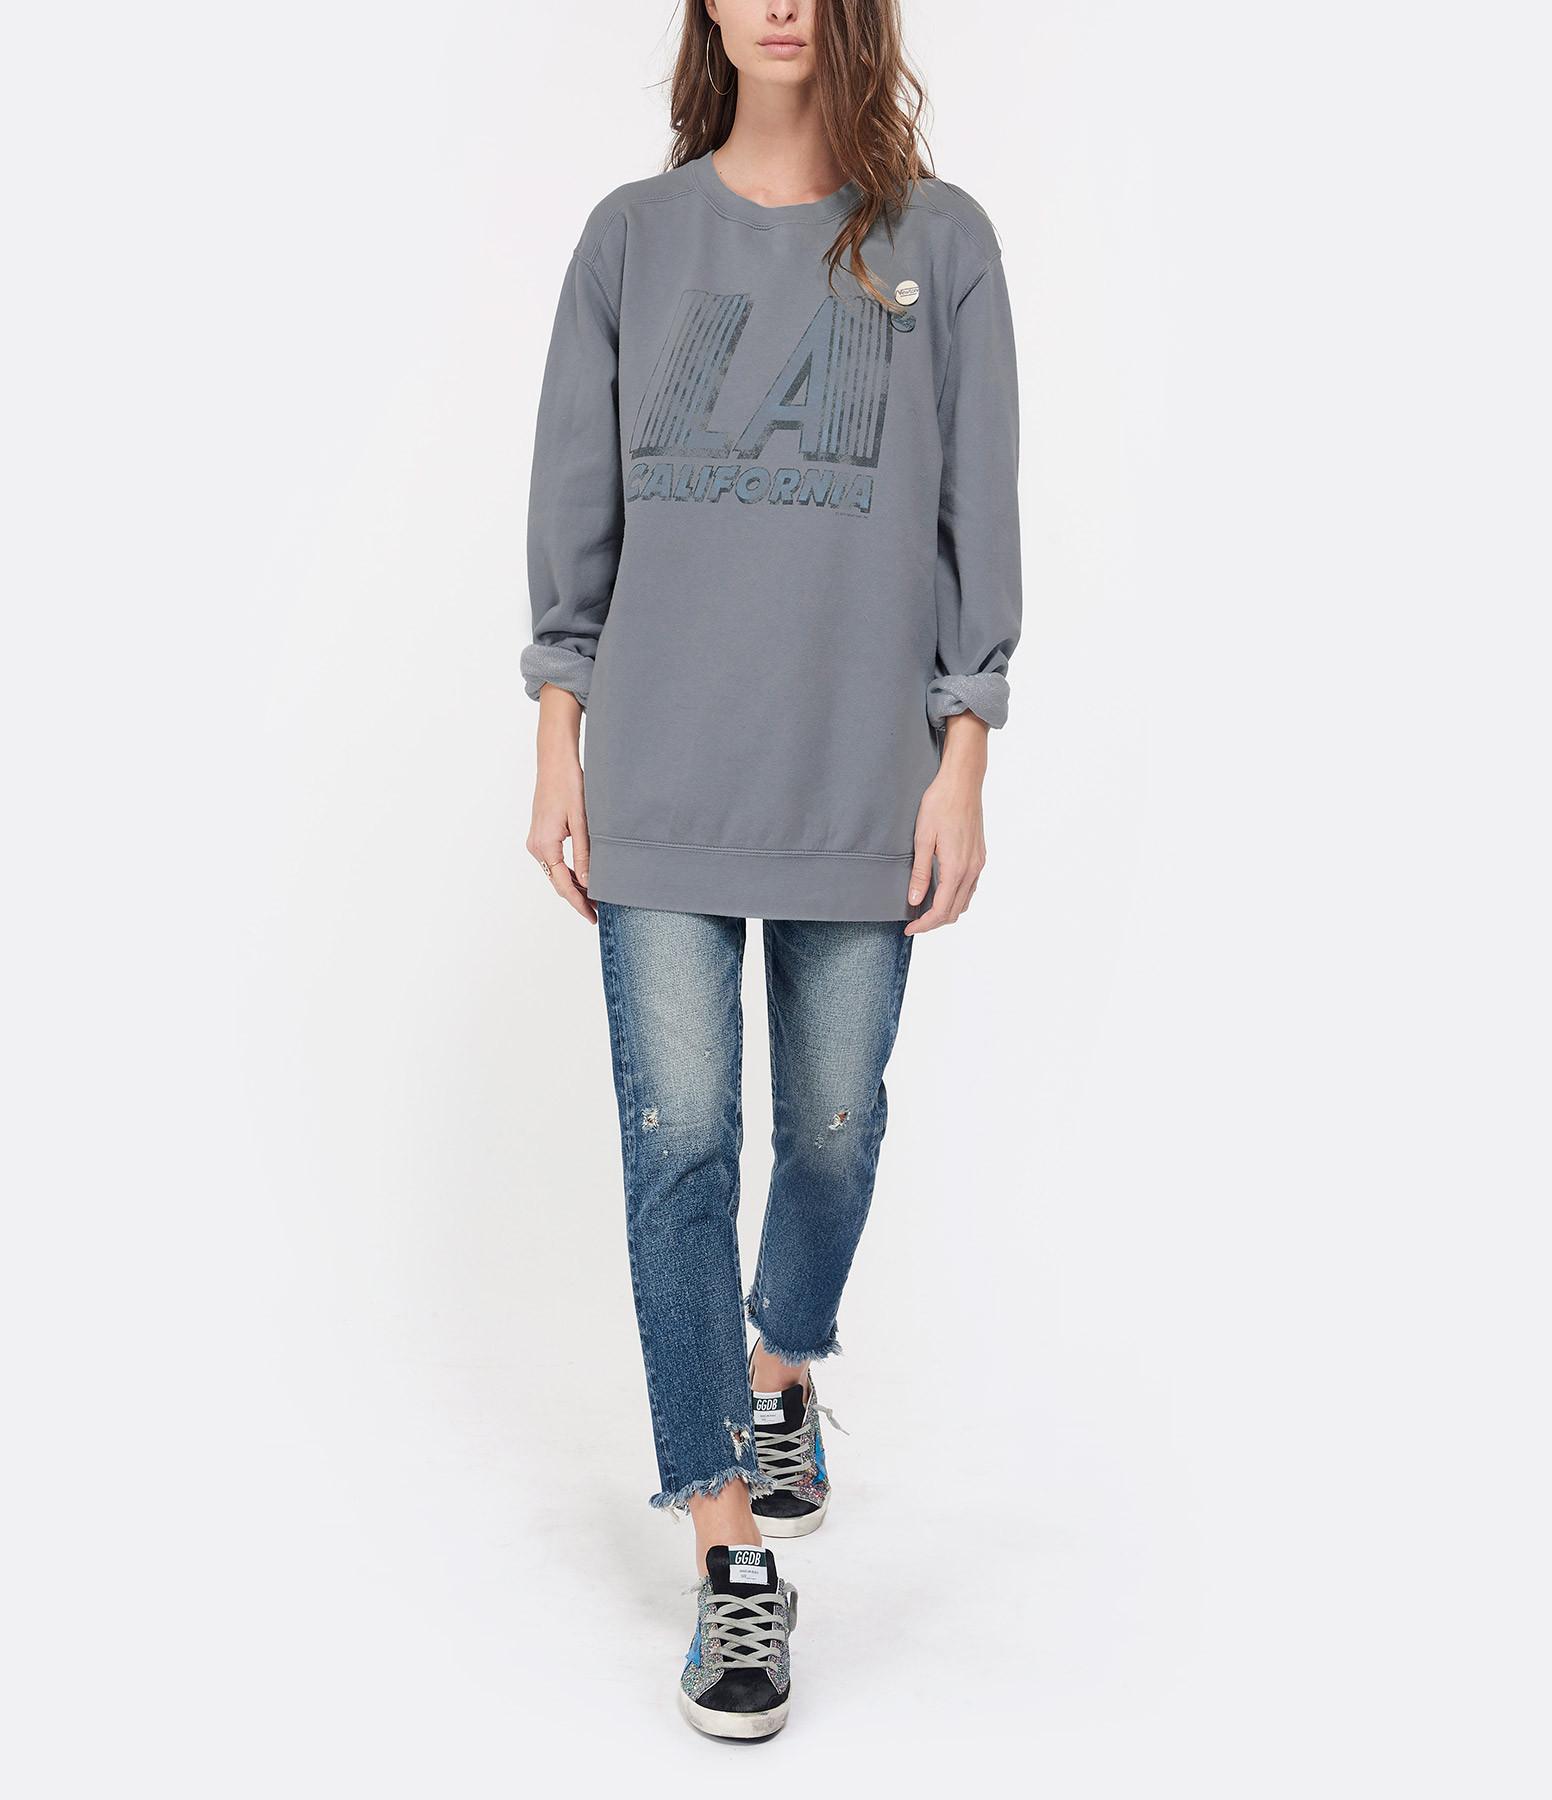 NEWTONE - Sweatshirt L.A Coton Gris